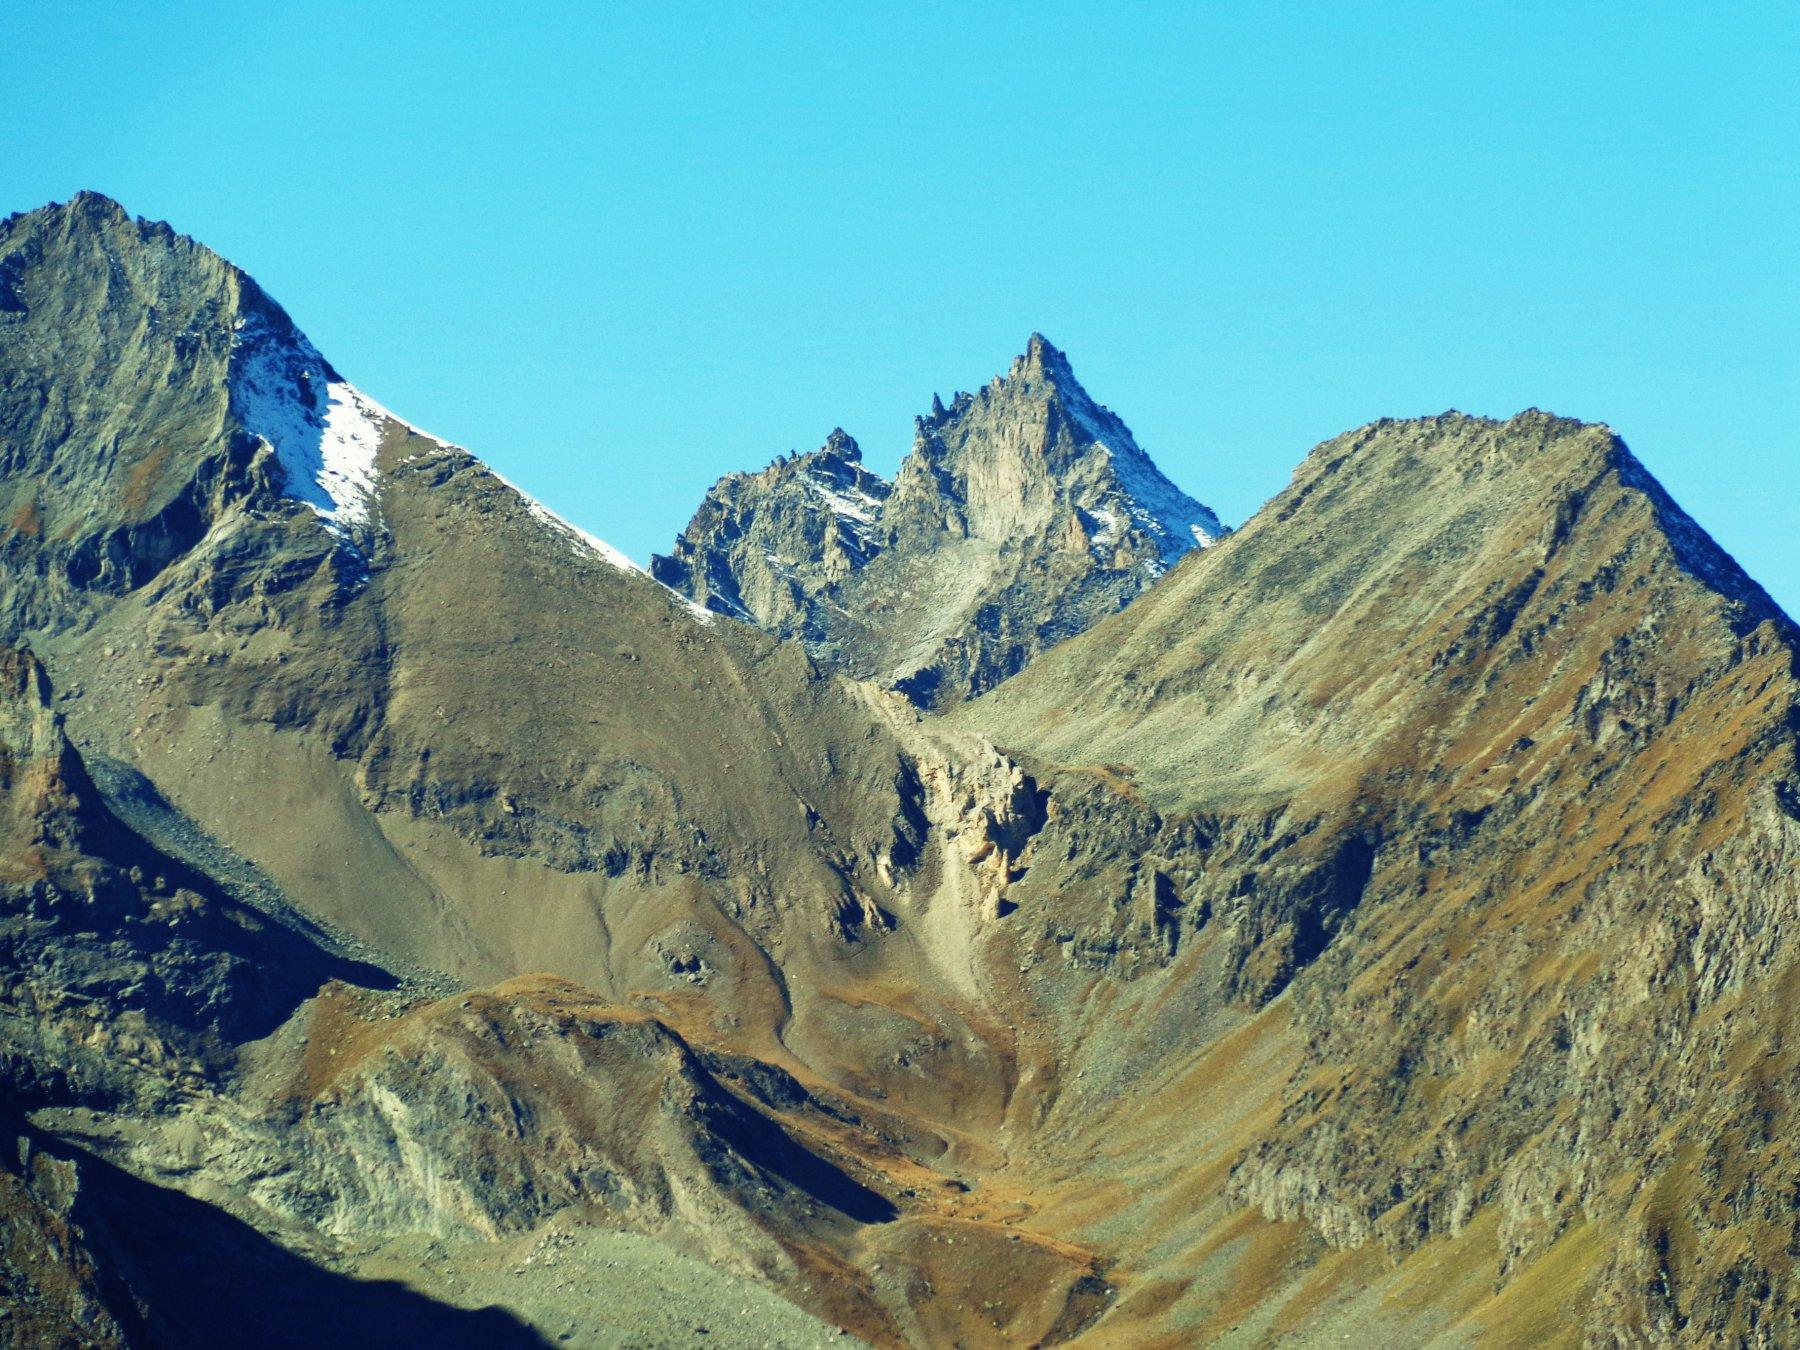 A sinistra Punta Crevasse, in mezzo Colle di Trayo, a destra Punta di Trayo, Gran Nomenon in mezzo che fa da sfondo